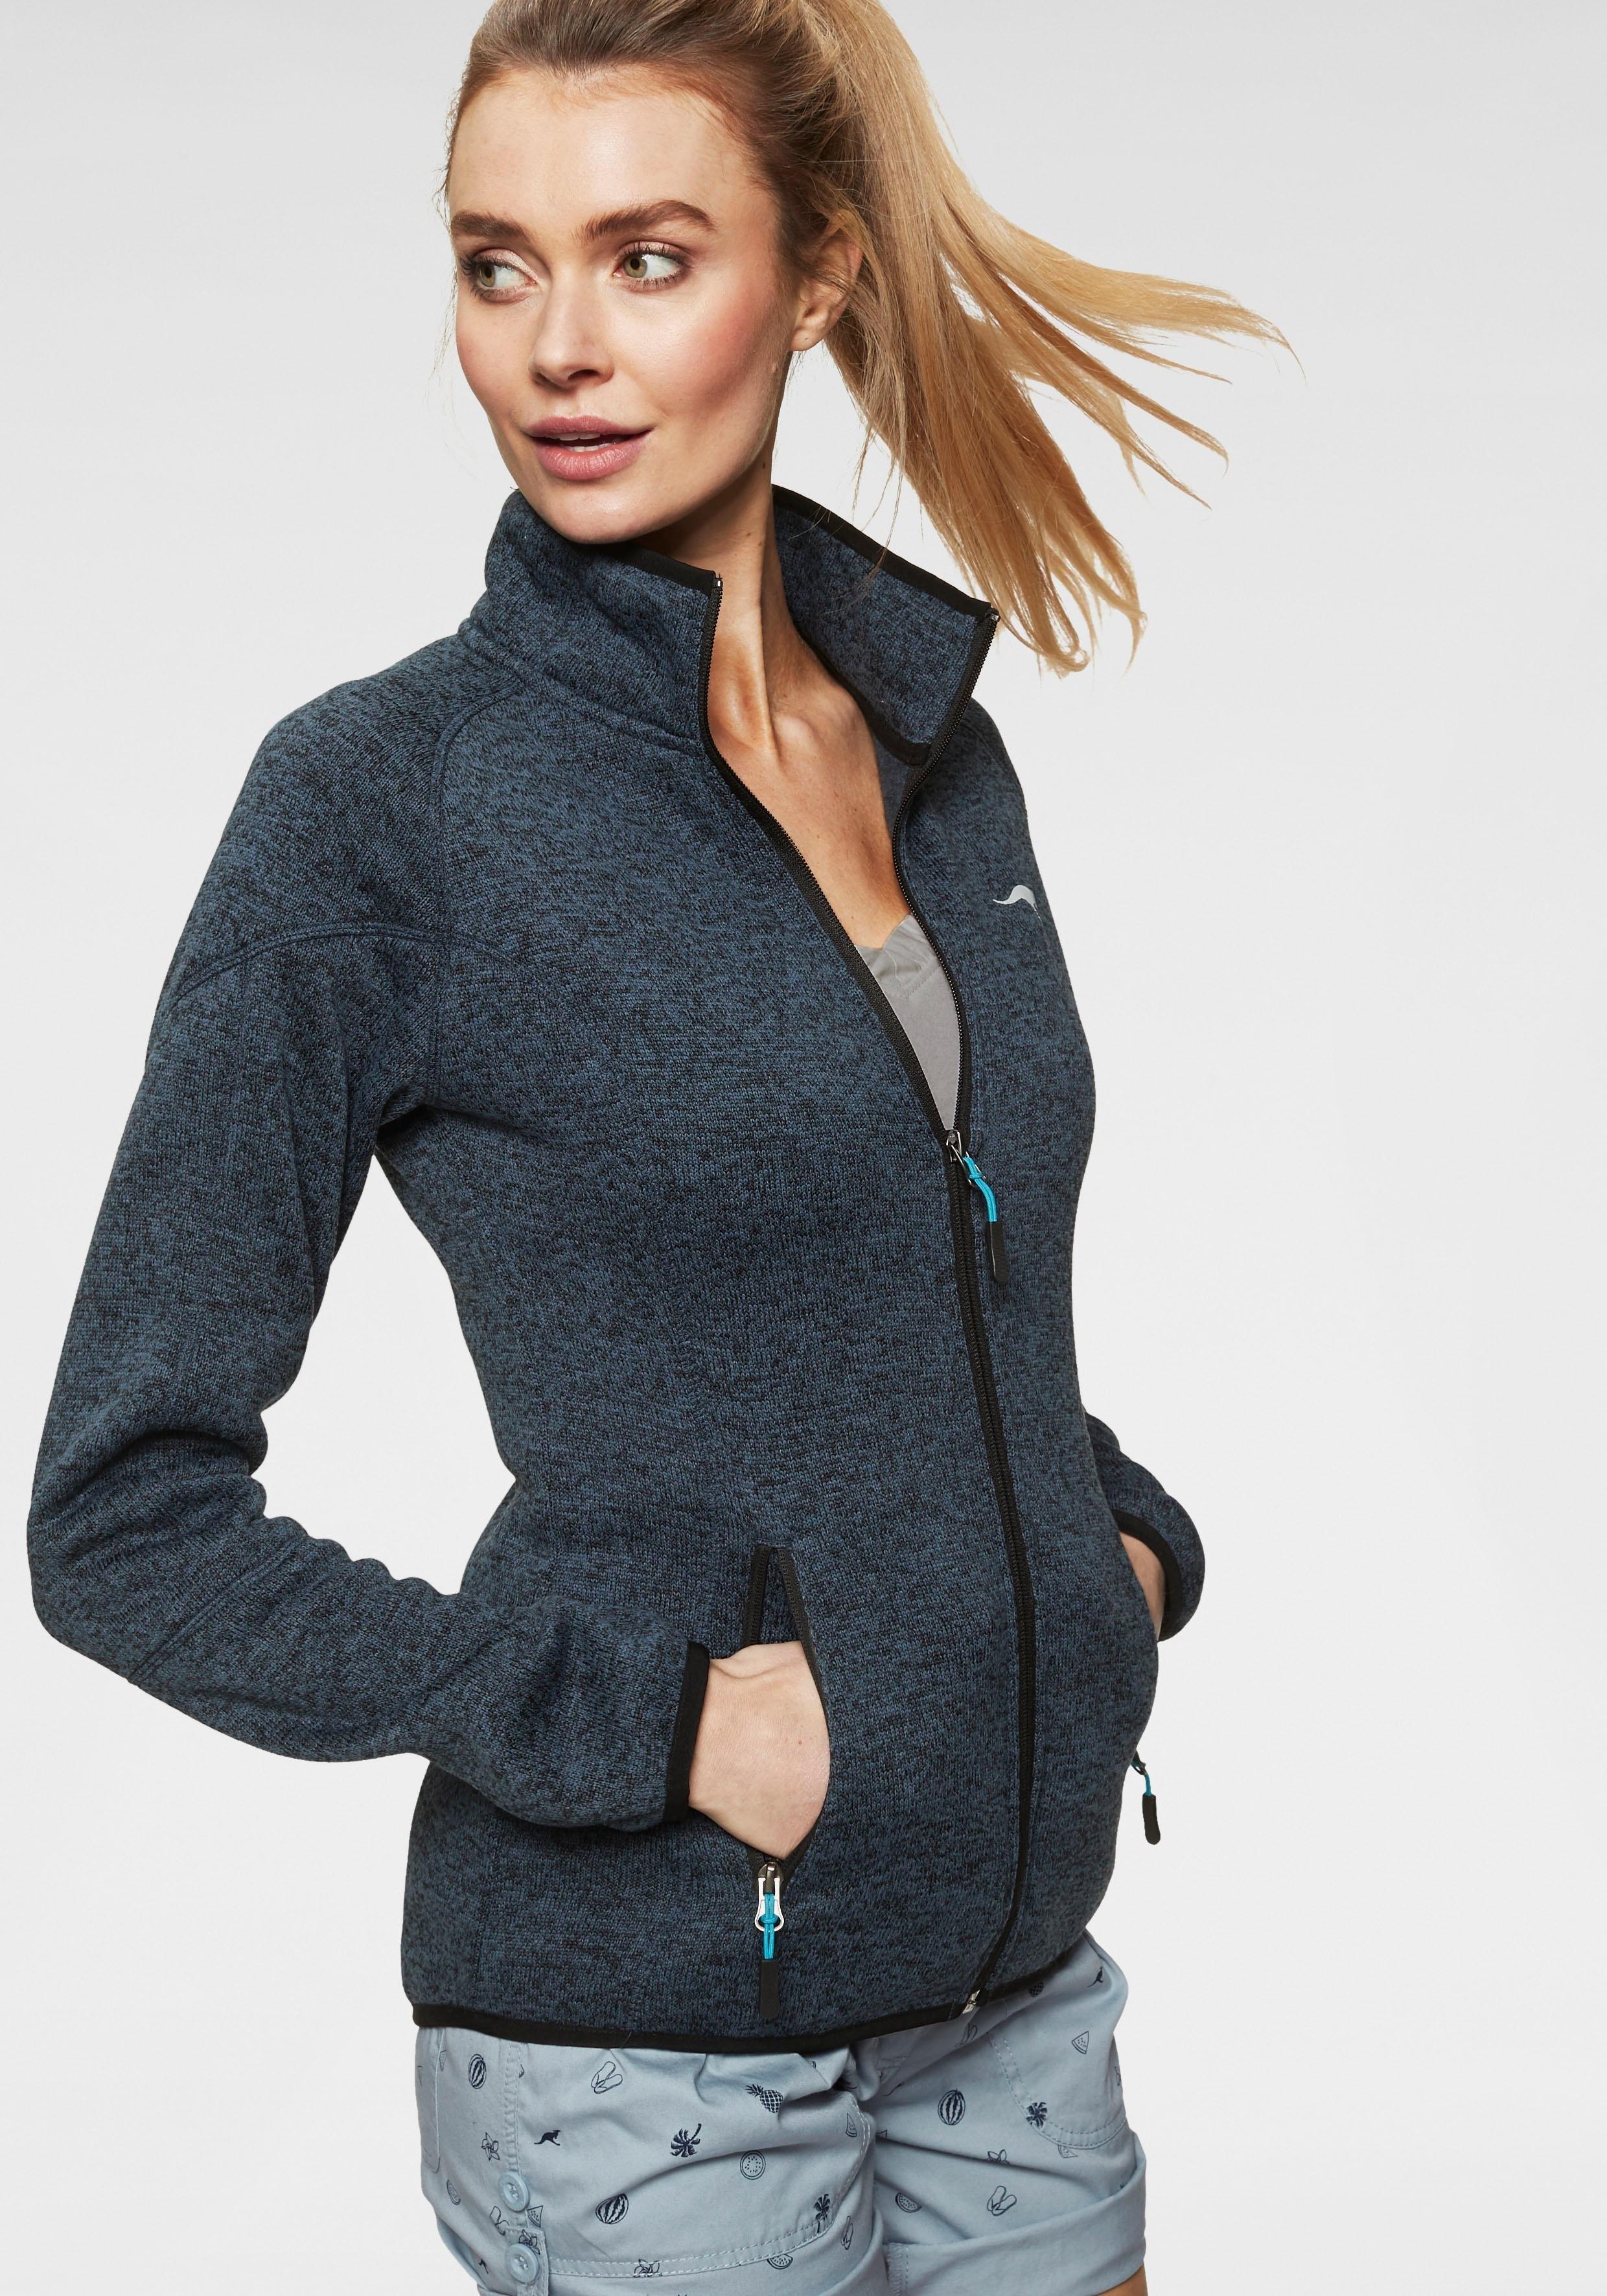 KangaROOS tricot-fleecejack voordelig en veilig online kopen